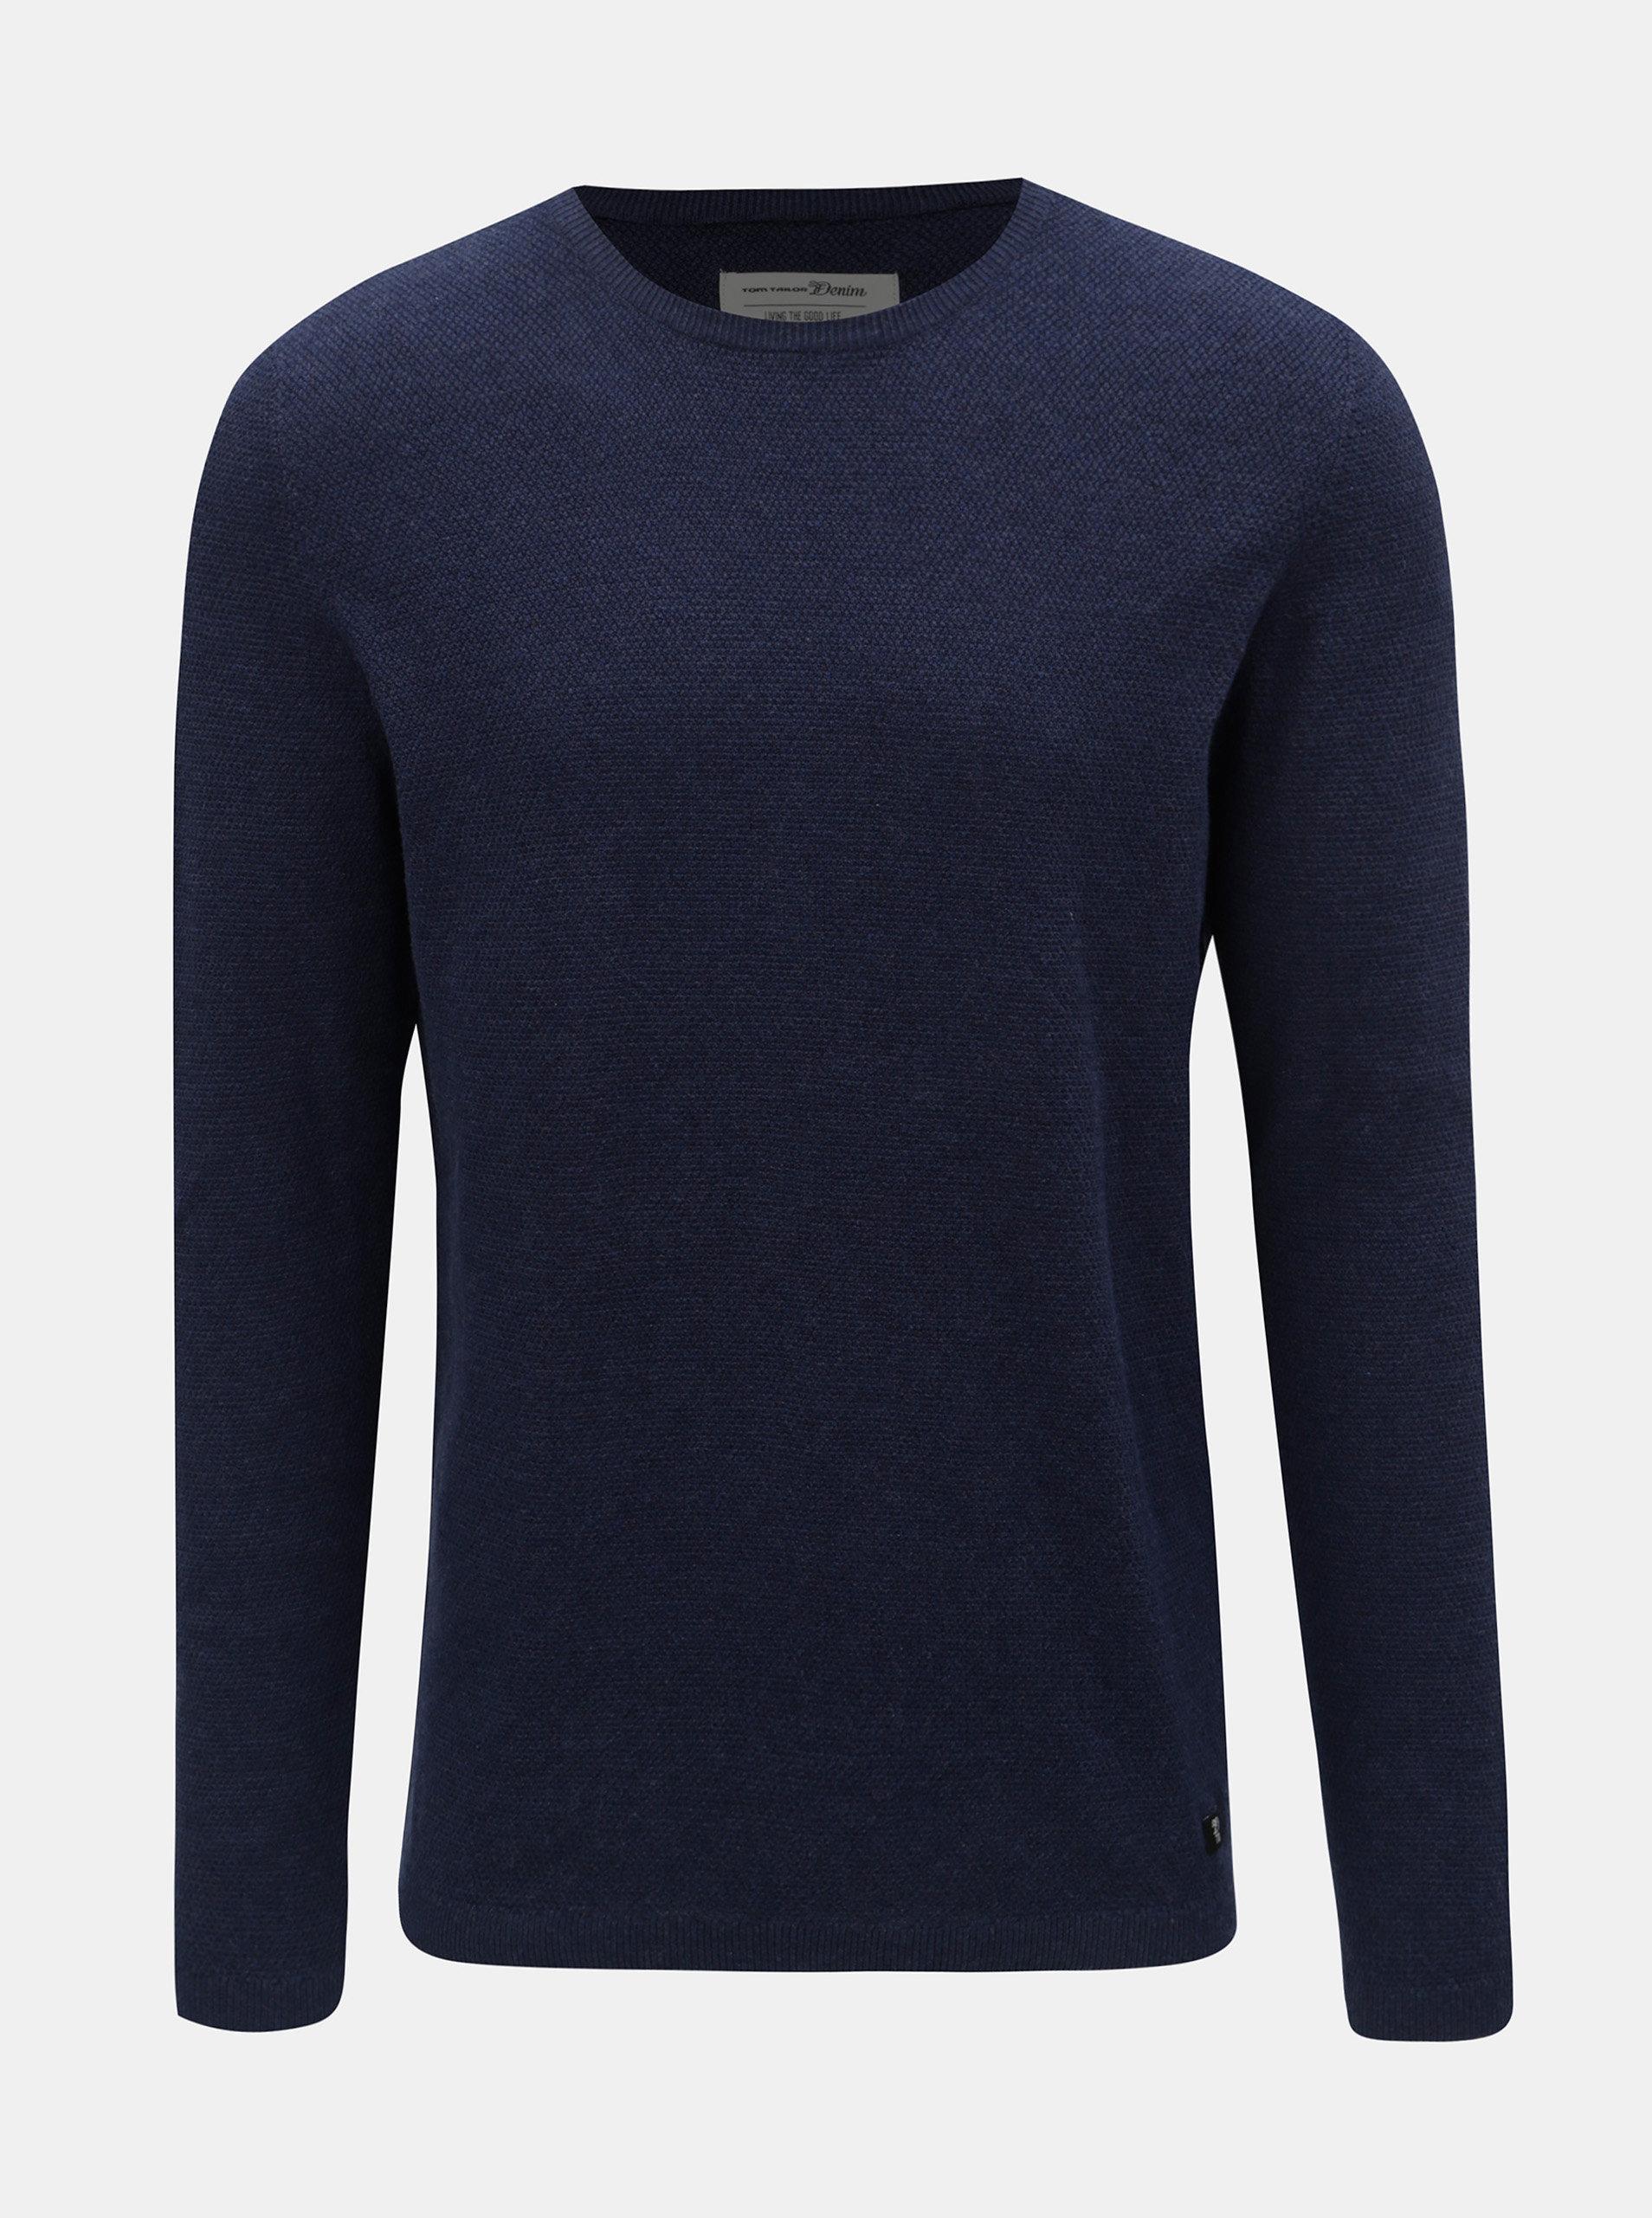 Tmavě modrý pánský lehký svetr Tom Tailor Denim ... 1cb8c2fe85